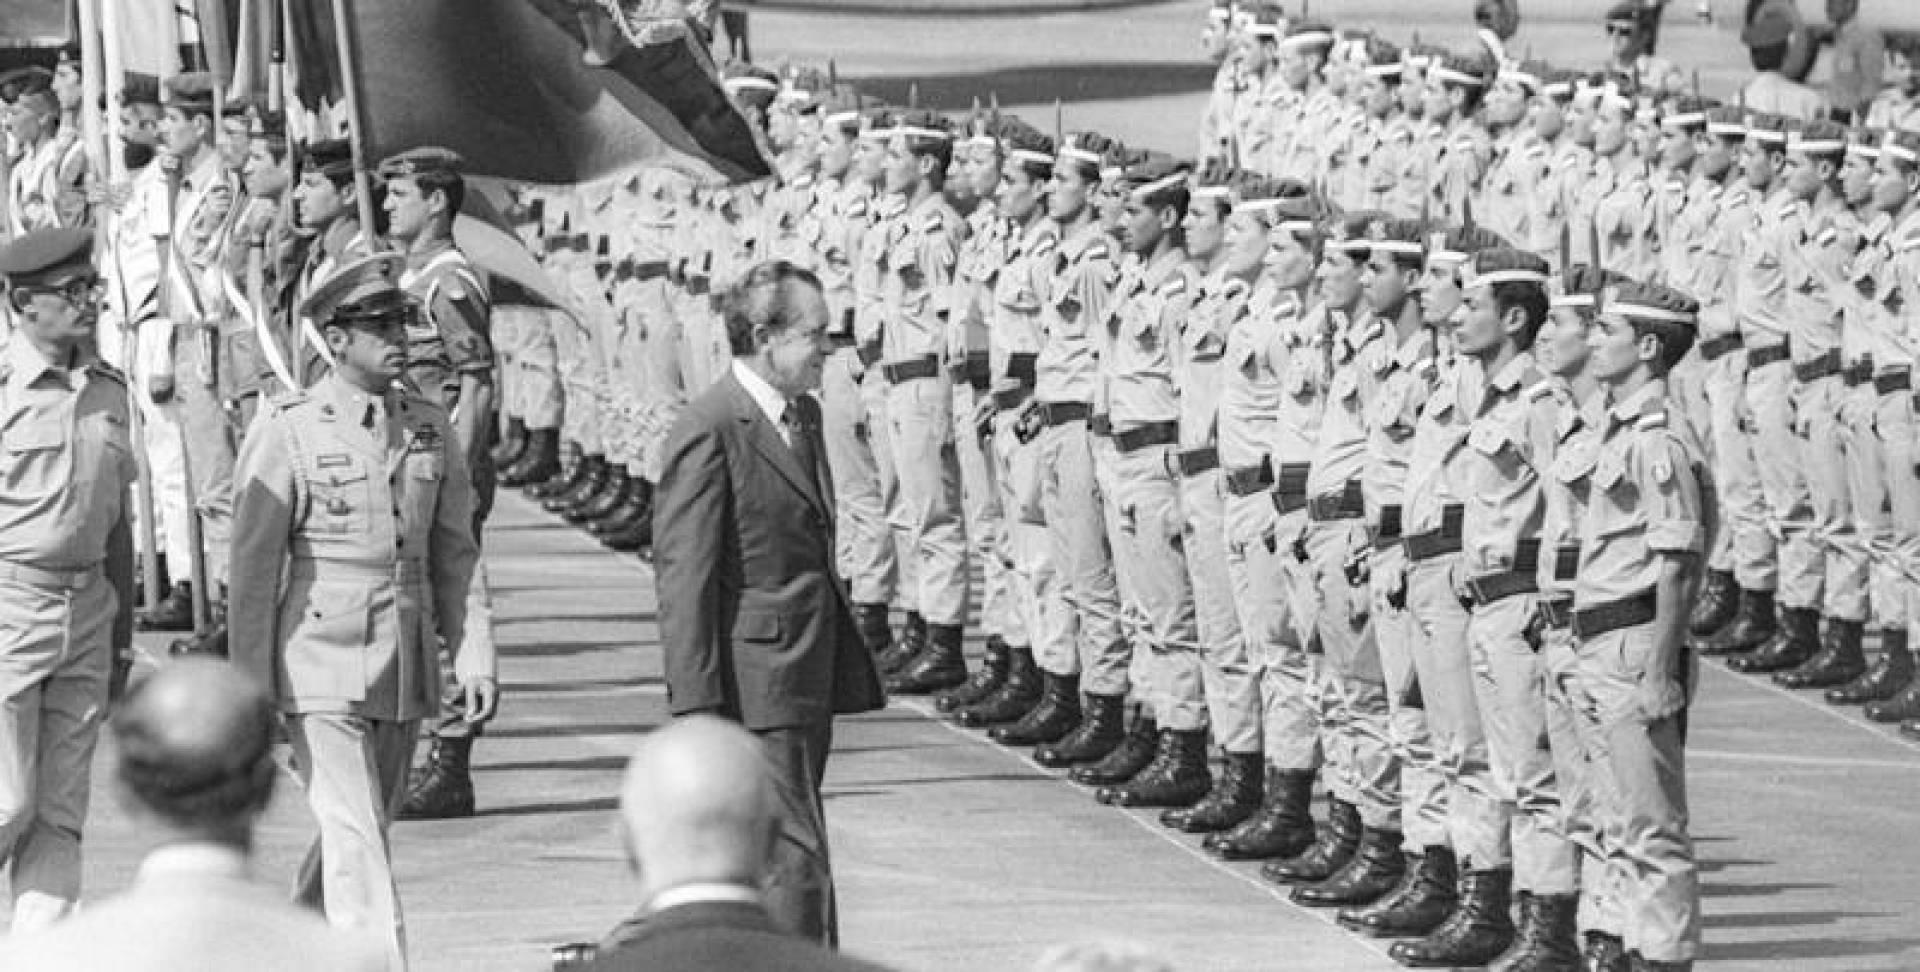 الرئيس الأميركي ريتشارد نيكسون في إسرائيل عام 1974